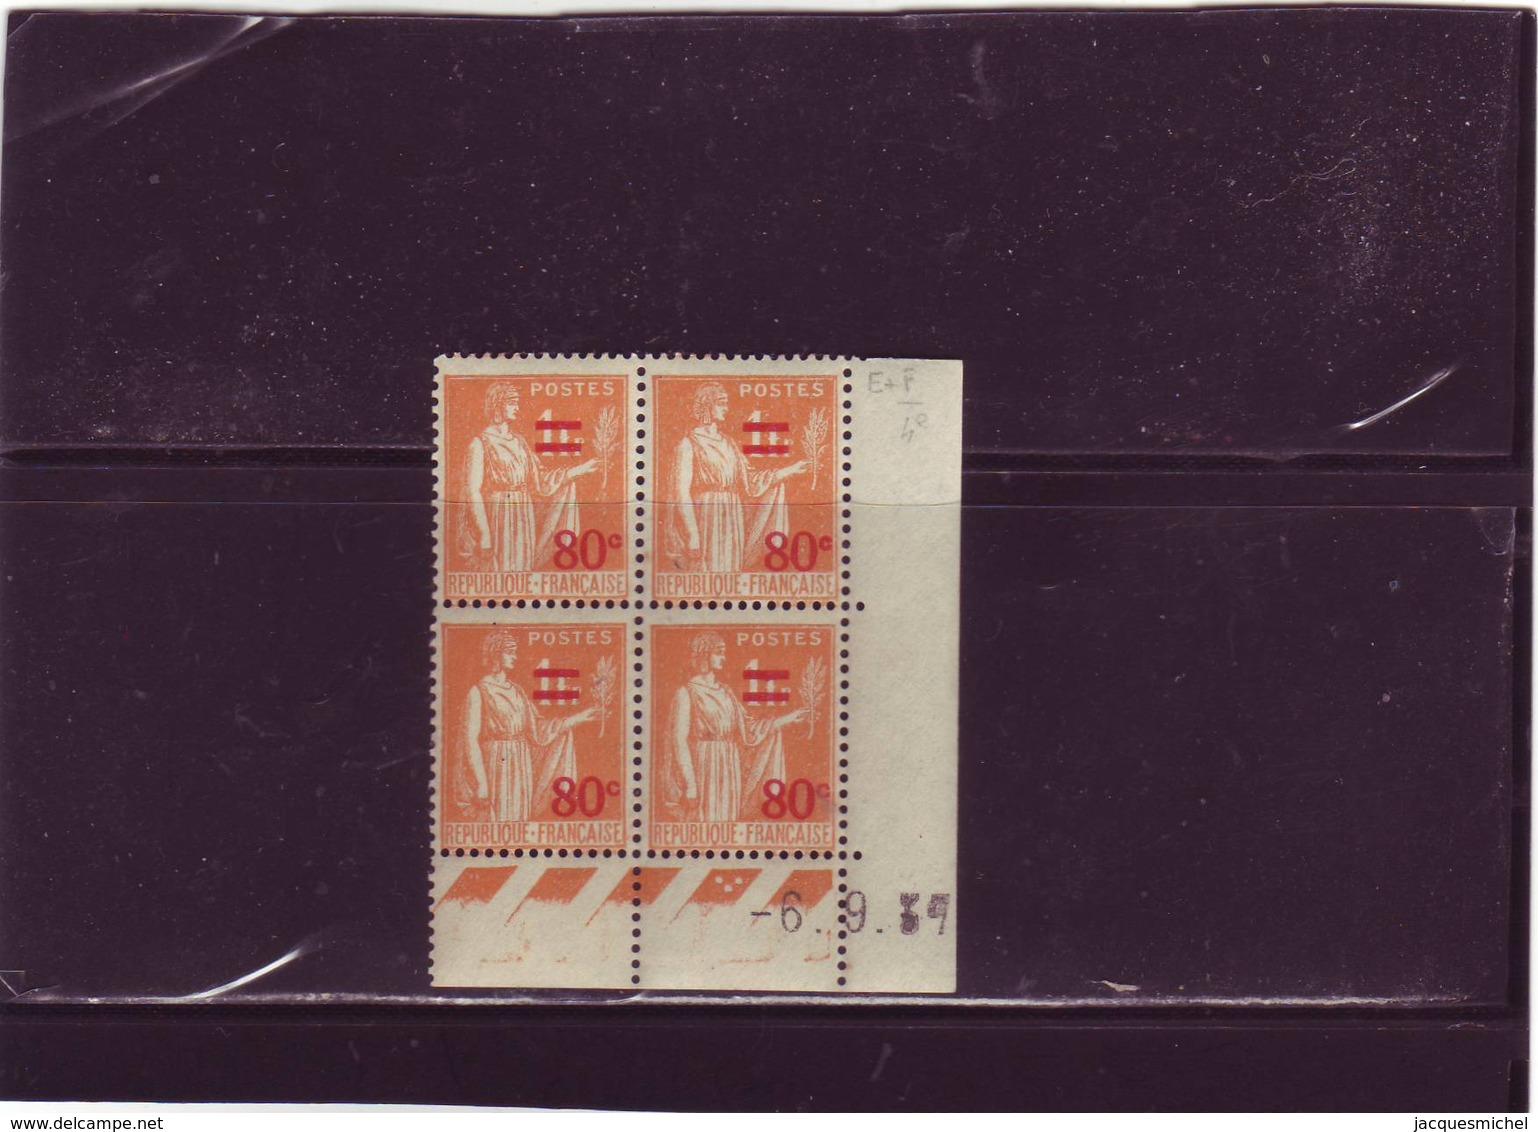 N° 359 - 80c/1F  PAIX/LAURENS - F De E+F - 4° Tirage/2° Partie Du 31.8 Au 9.9.37 - 6.09.1937 - - 1930-1939